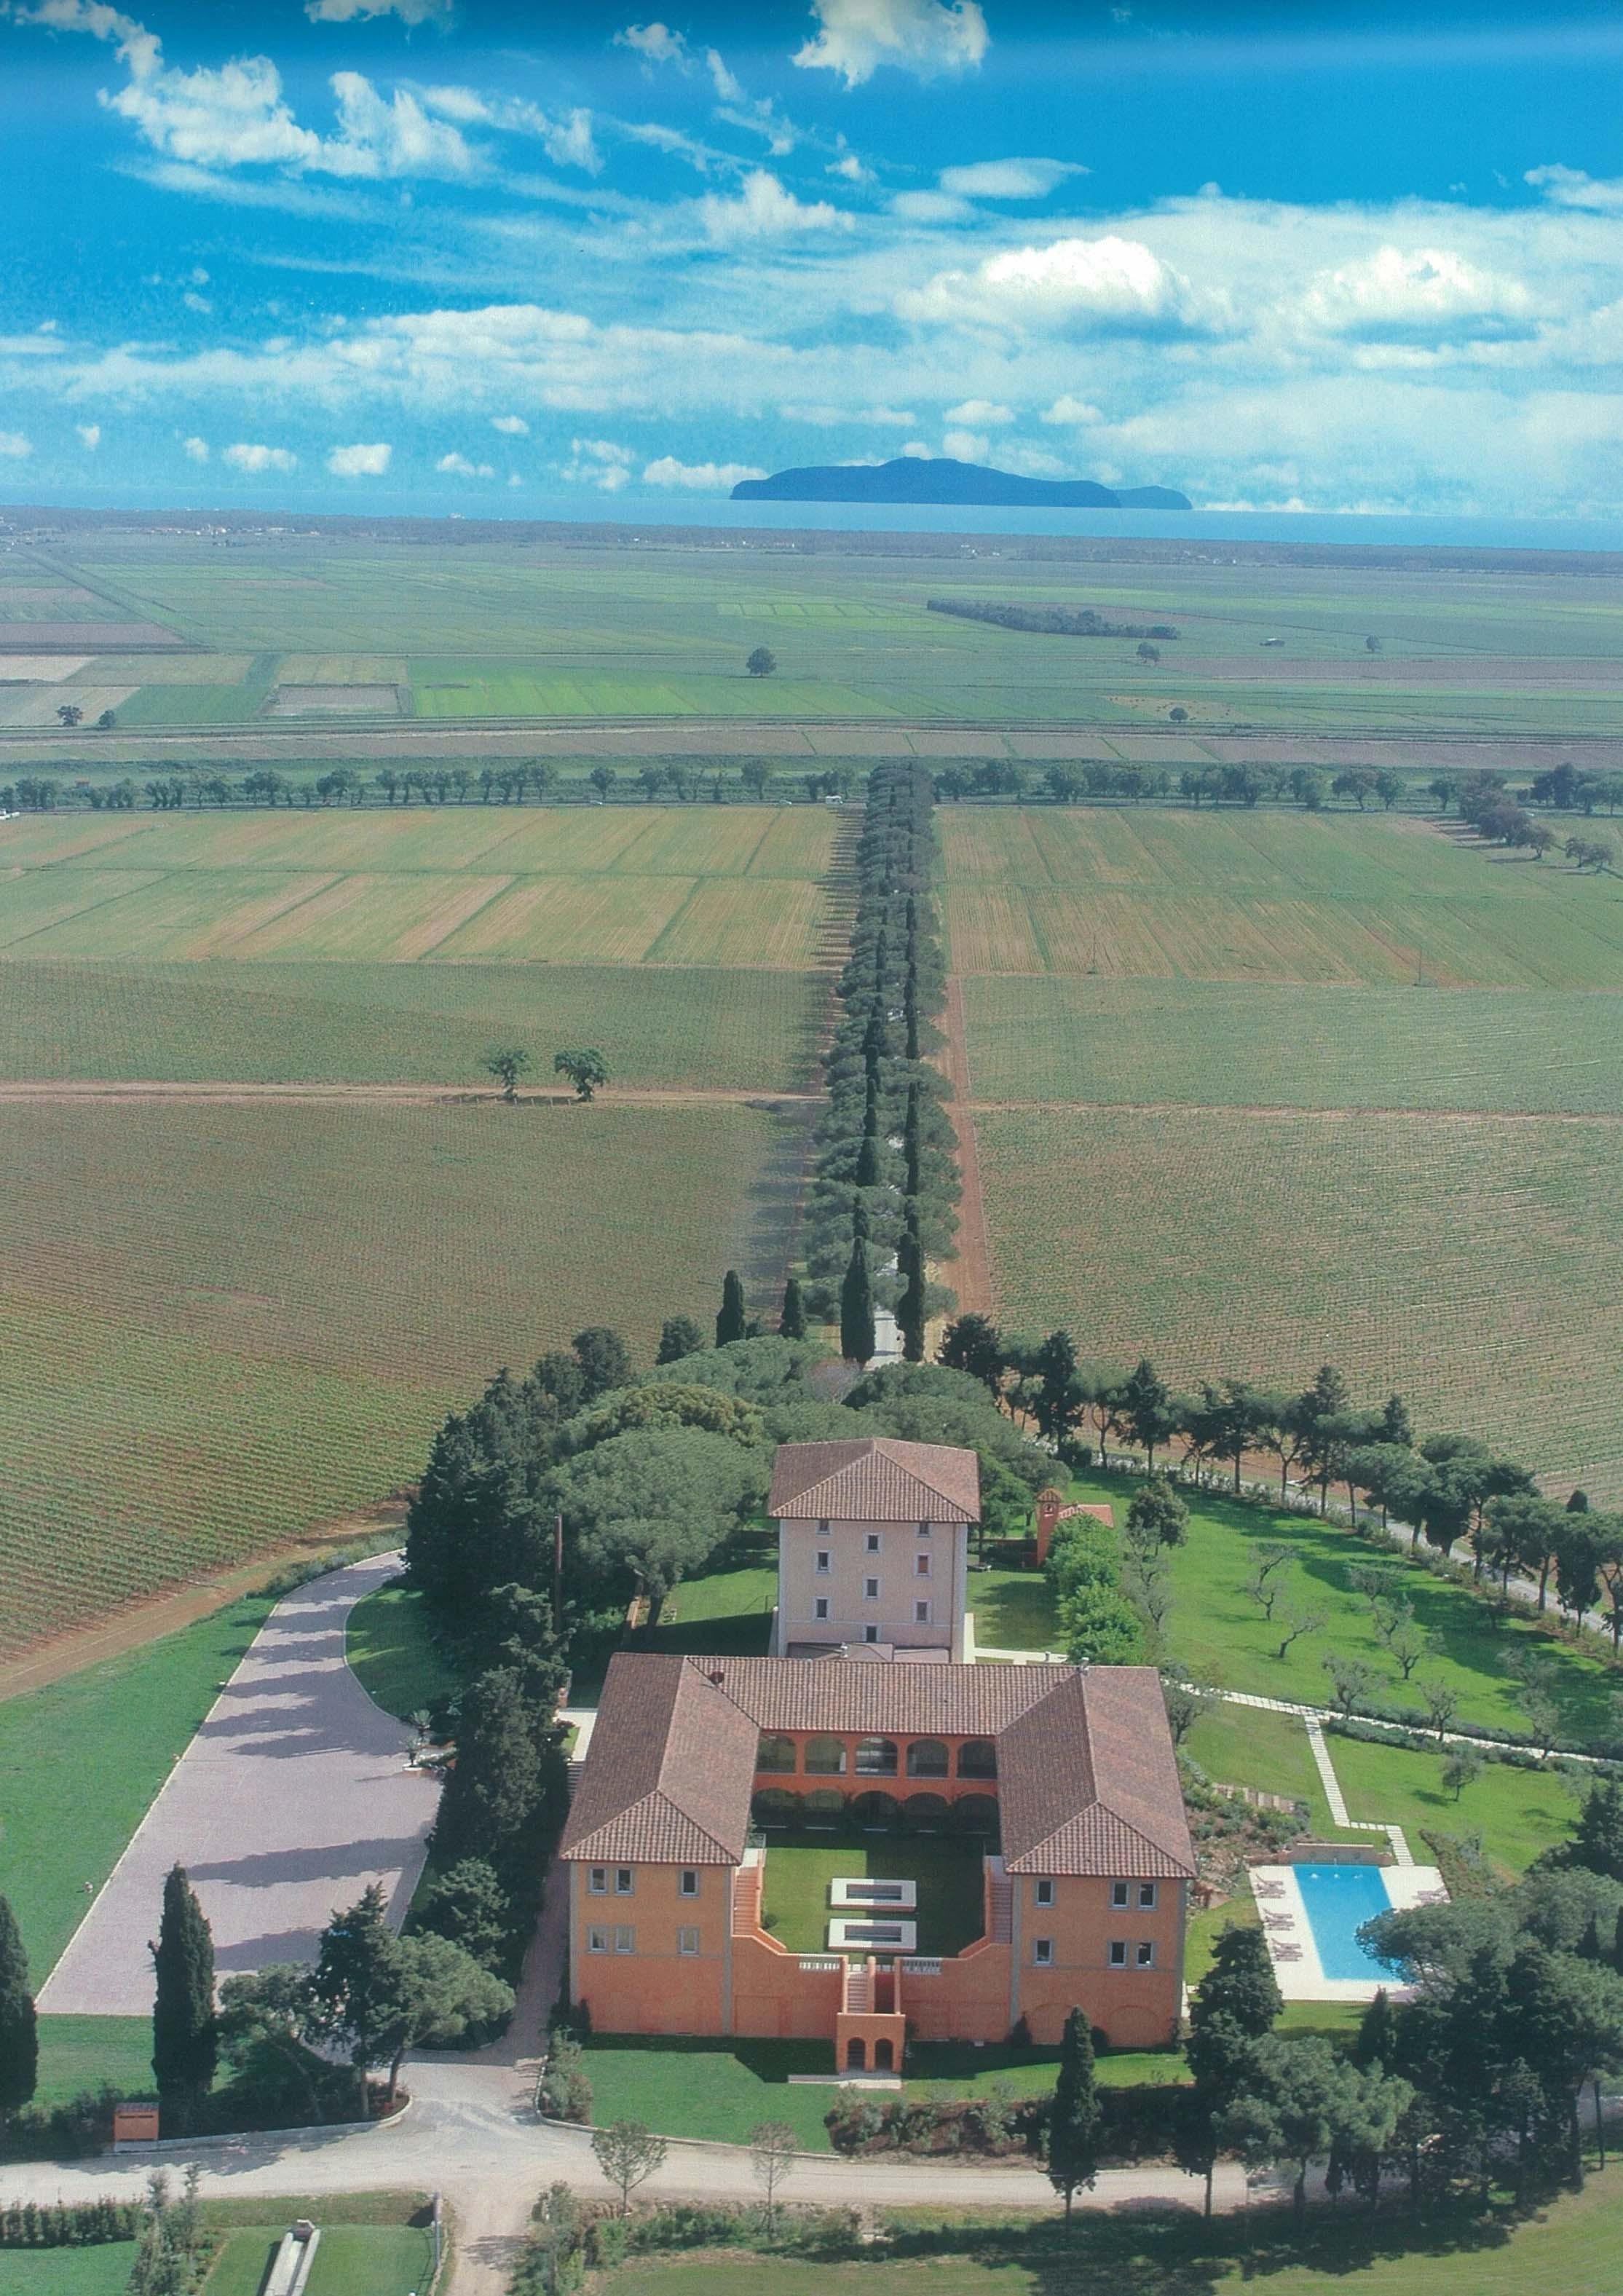 L'Andana, La Badiola Property - Castiglione della Pescaia - هتل ها